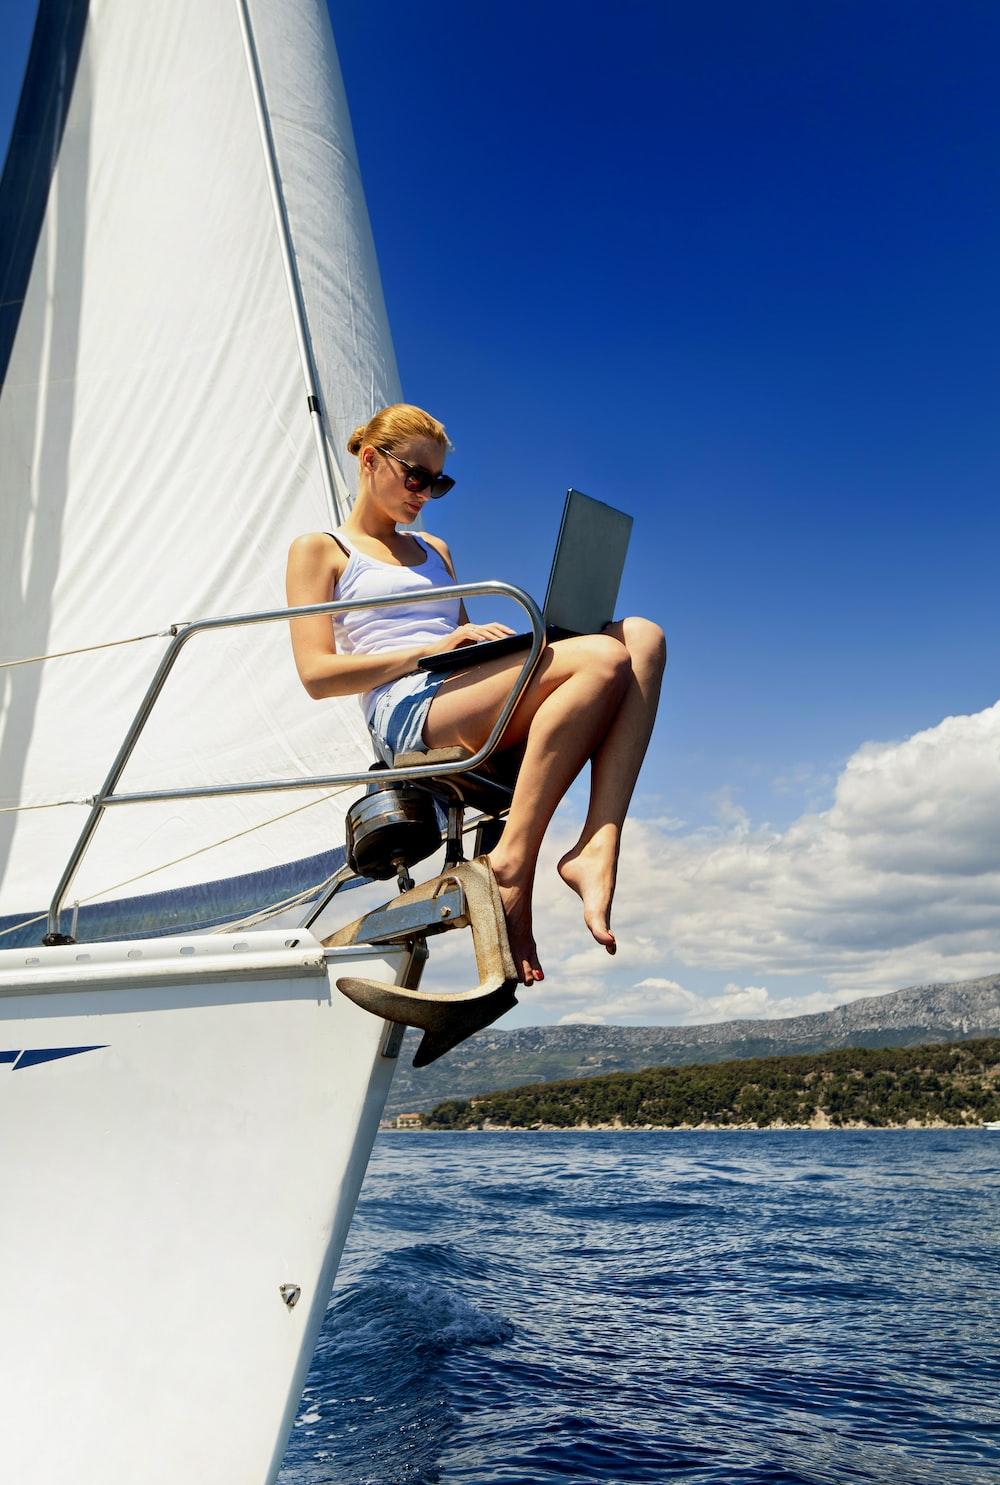 昼間に白いボートに座っている白いタンクトップの女性